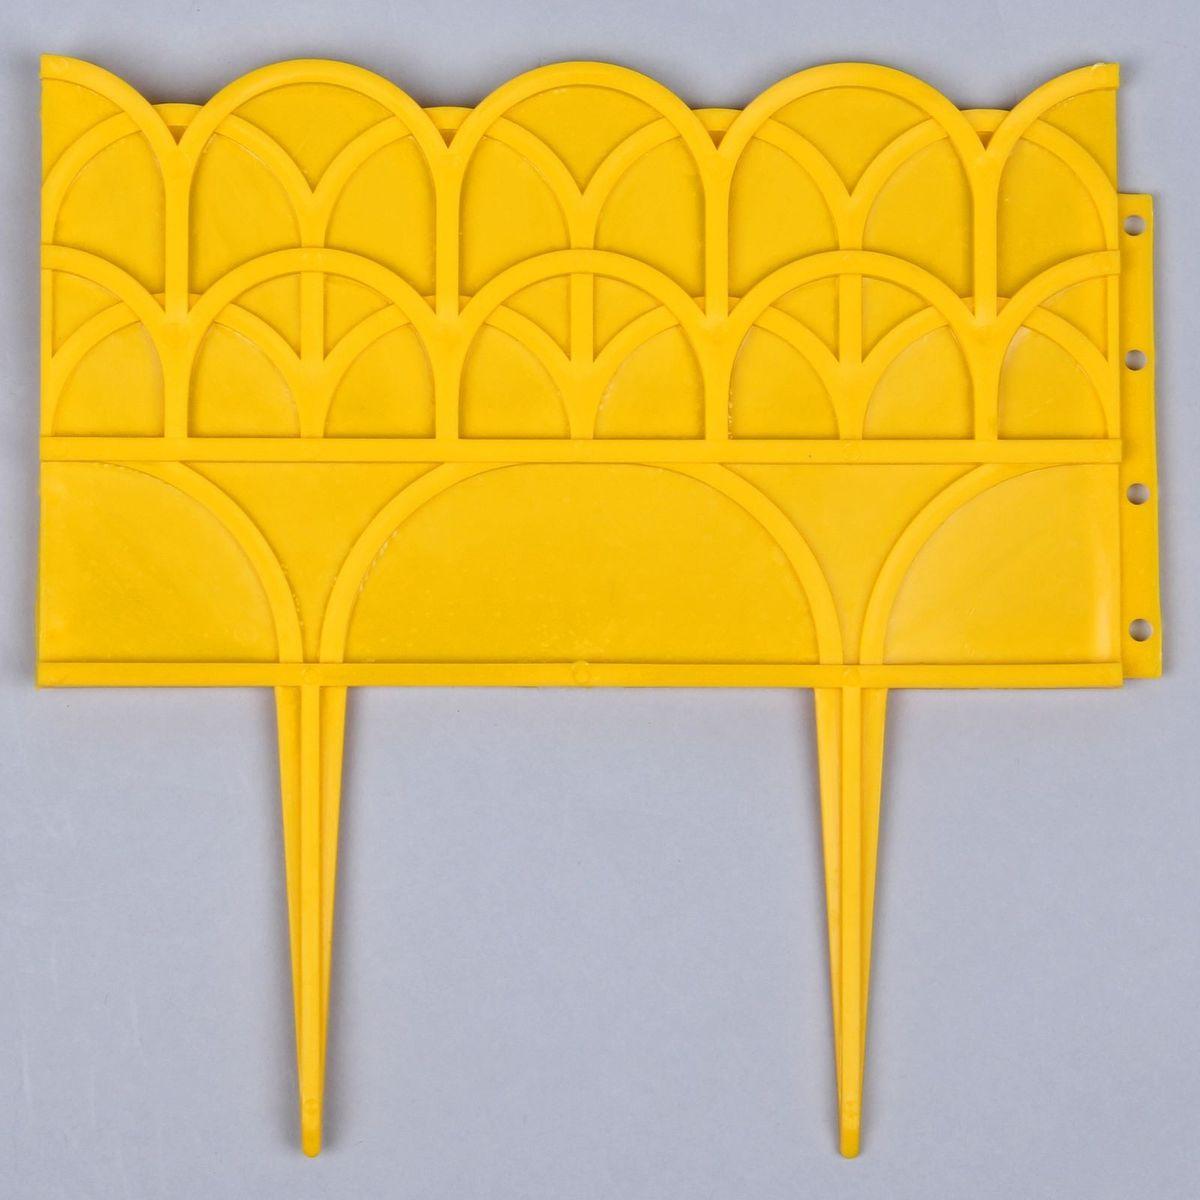 Ограждение садовое декоративное, 13 секций, цвет: желтый, 14 х 310 см738743Садовое ограждение — выбор тех, кто ценит красоту и комфорт. Выполненное из надежного пластика, оно имеет ряд неоспоримых плюсов: Длительный срок службы. Подобный заборчик может служить до 5 лет без деформации и потери качества. Яркий, насыщенный цвет, который не потускнеет со временем и не выгорит на солнце. Приспособлению не страшна высокая влажность. Как установить? Выбираем место для ограждения (это может быть садовая дорожка, грядка или красивая клумба). Расчищаем место от травы и других растений. Берем одну ячейку и аккуратно втыкаем ее ножками в землю на максимальную глубину. Вставляем вторую ячейку рядом с первой и соединяем их при помощи специальных креплений, не прикладывая физическую силу. Повторяем пункт 4 до тех пор, пока не установим все ячейки. Как ухаживать? Садовое ограждение не нуждается в специальном уходе, но важно помнить следующие моменты: не подвергайте детали механическому воздействию: не сгибайте их, не давите в процессе монтажа не подвергайте заборчик резким перепадам температур на зимнее время рекомендуется убирать его с участка если изделие запылилось, можете сполоснуть его водой из шланга без демонтажа. Пусть ваш садовый участок радует вас красотой и обильным урожаем! Большой ассортимент цветов и форм позволяет подобрать ограждение для любых нужд.